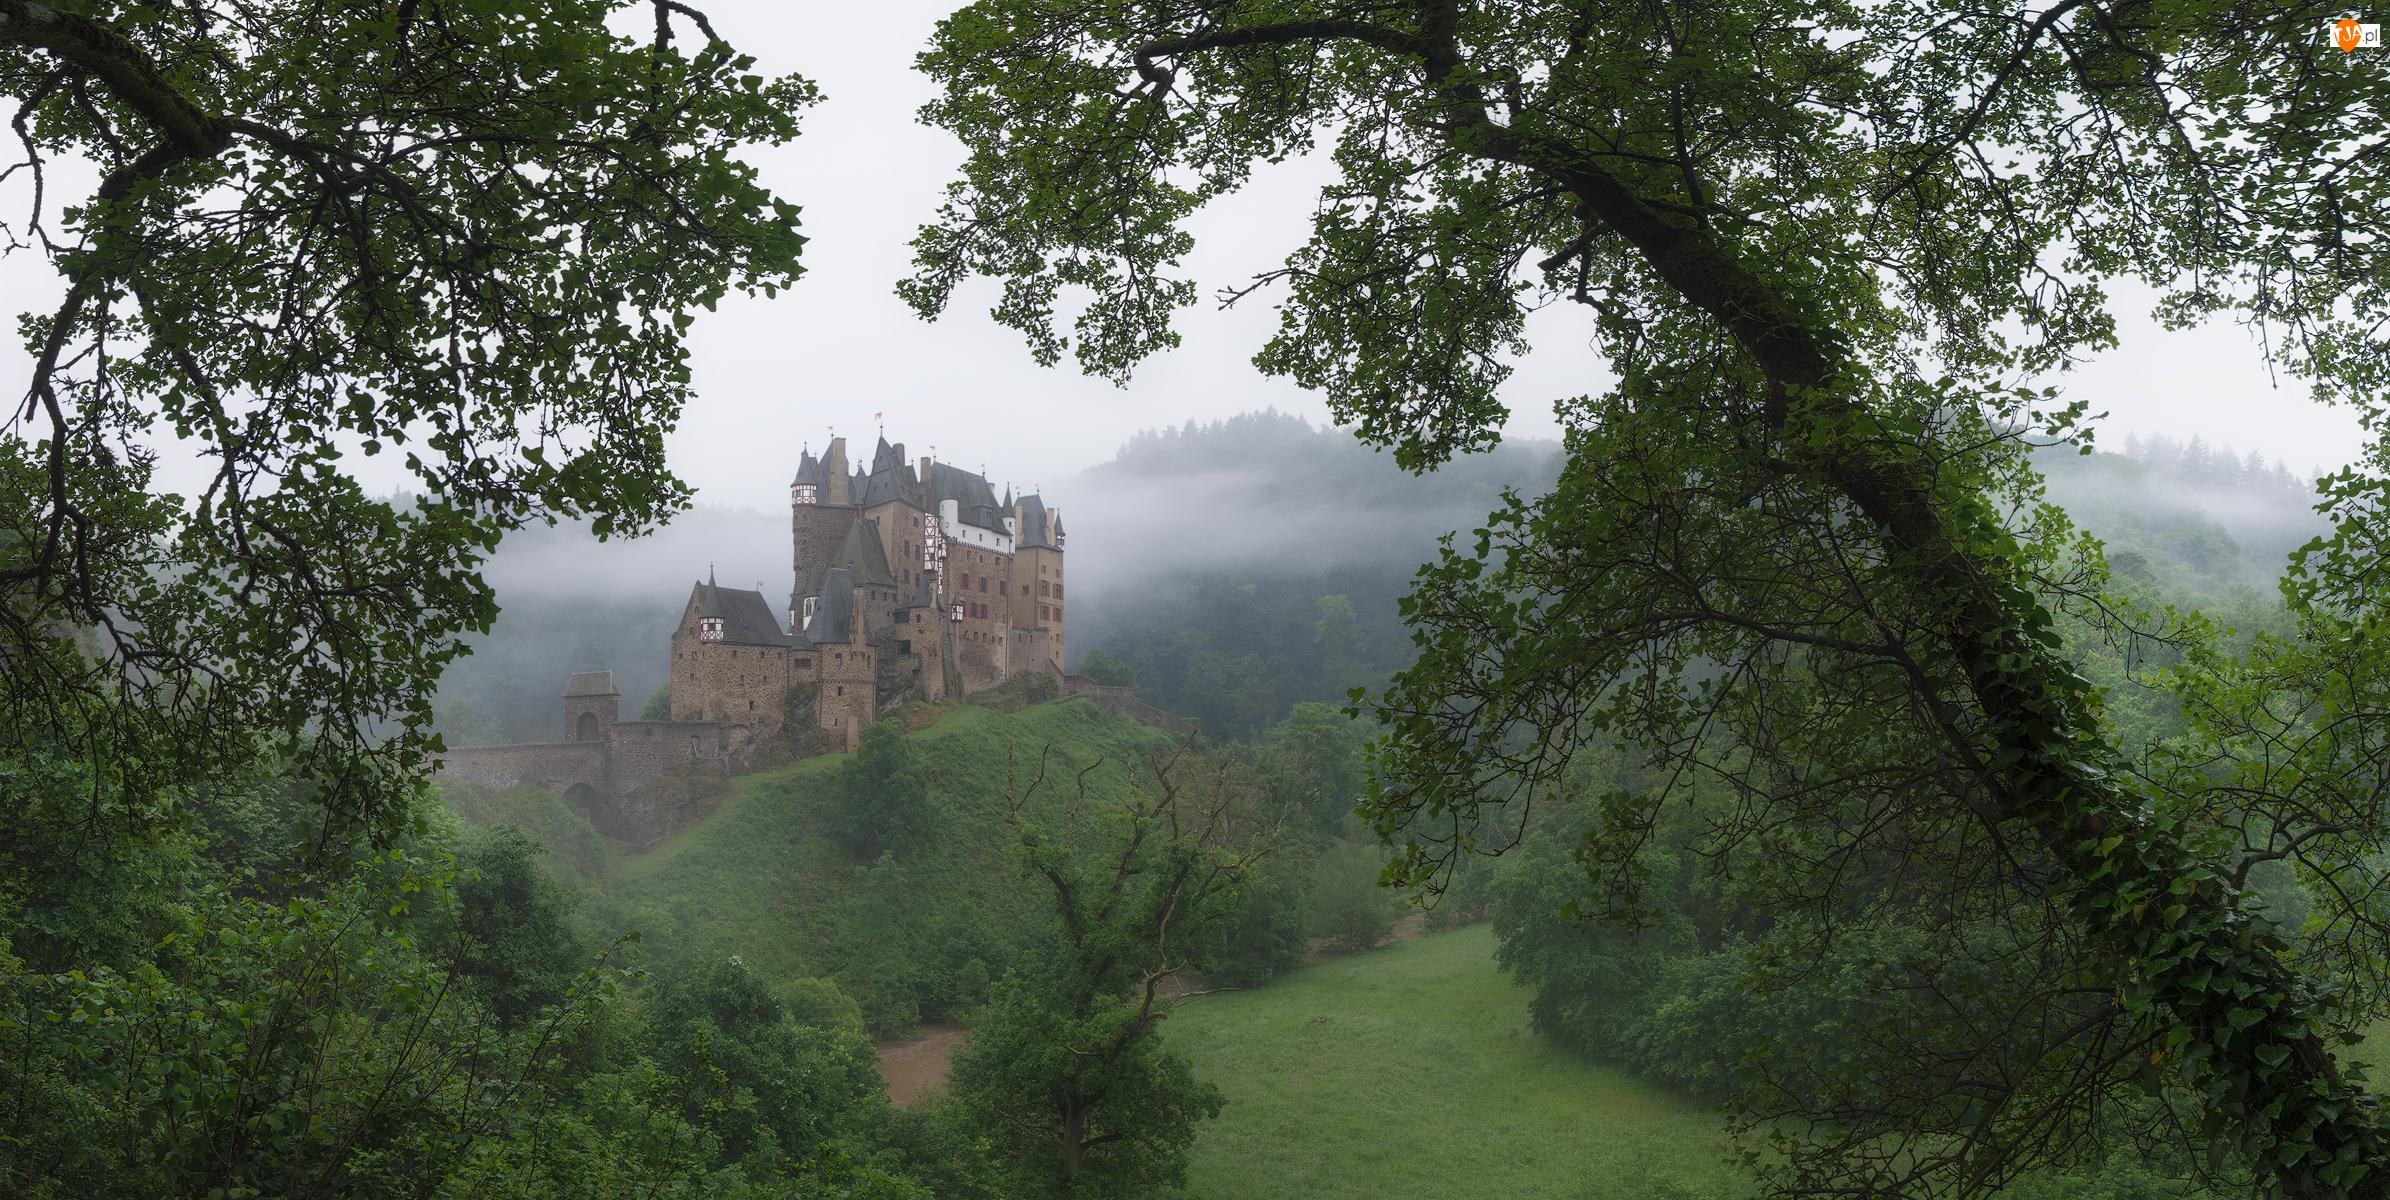 Niemcy, Drzewa, Nadrenia-Palatynat, Mgła, Gmina Wierschem, Rzeka, Wzgórza, Zamek Eltz, Góry